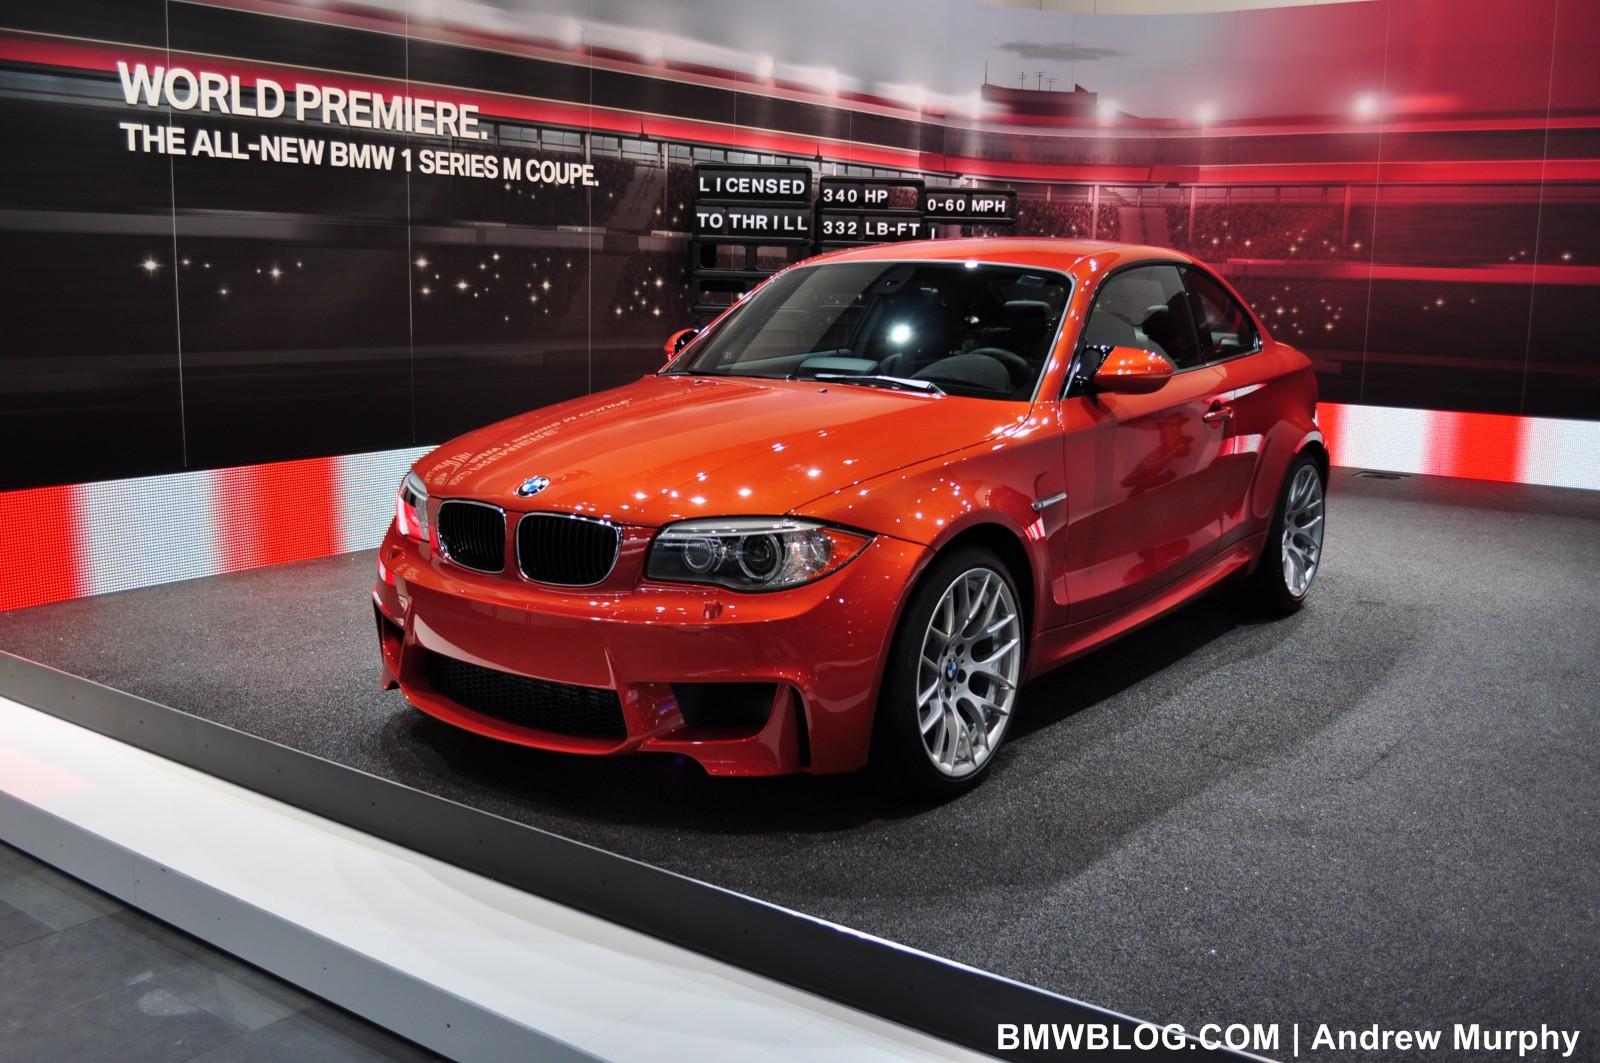 BMW-1-Series-M-Coupe-Detroit-Auto-Show-81